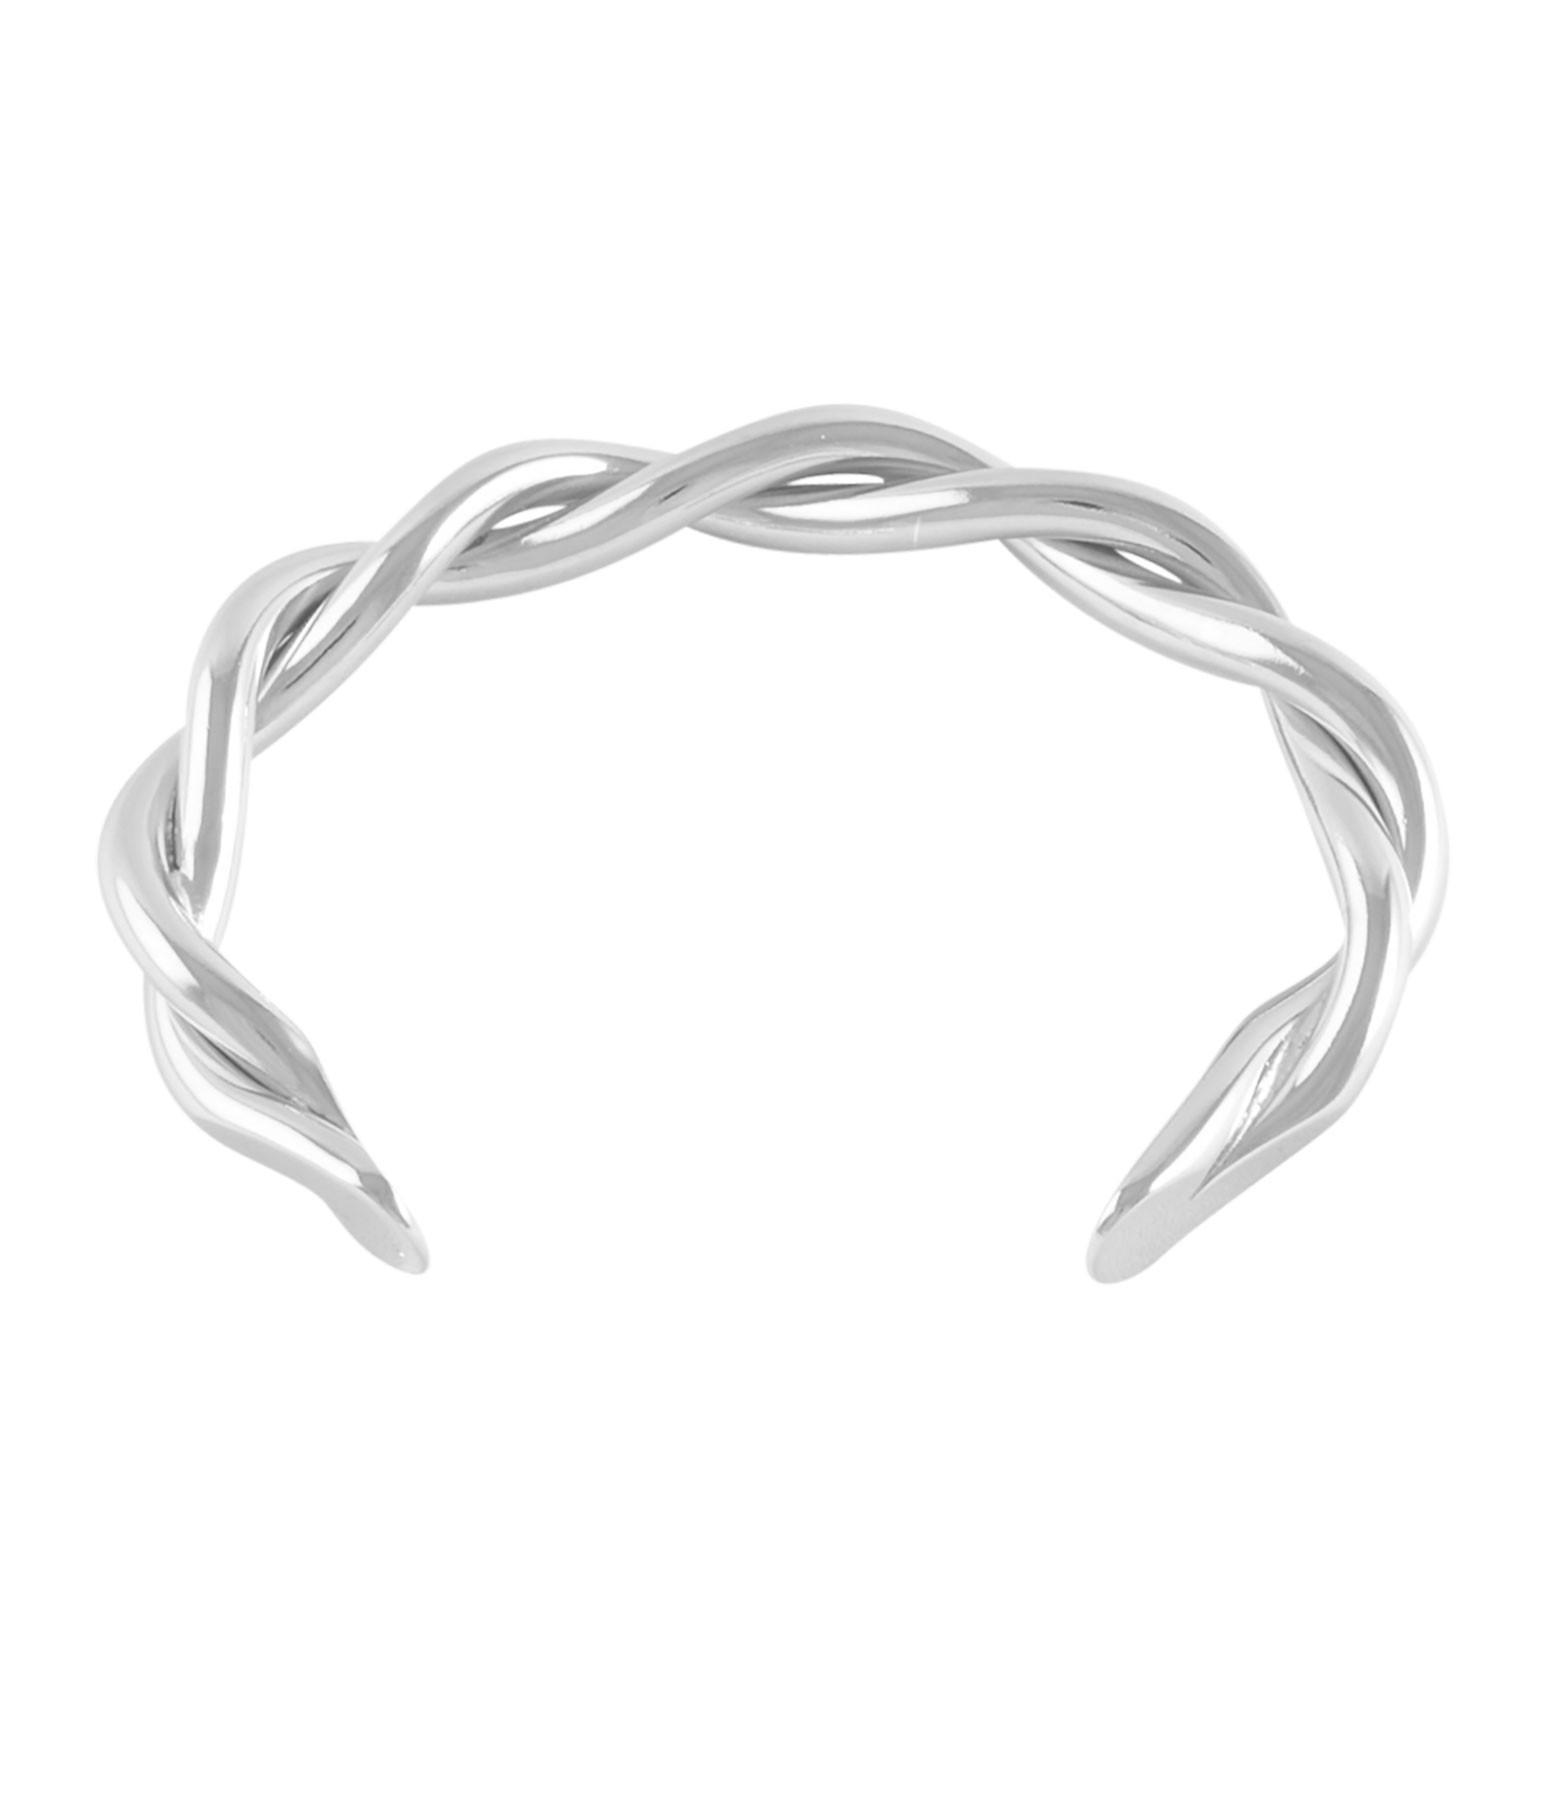 MAGALI PONT - Bracelet Torsade Argent